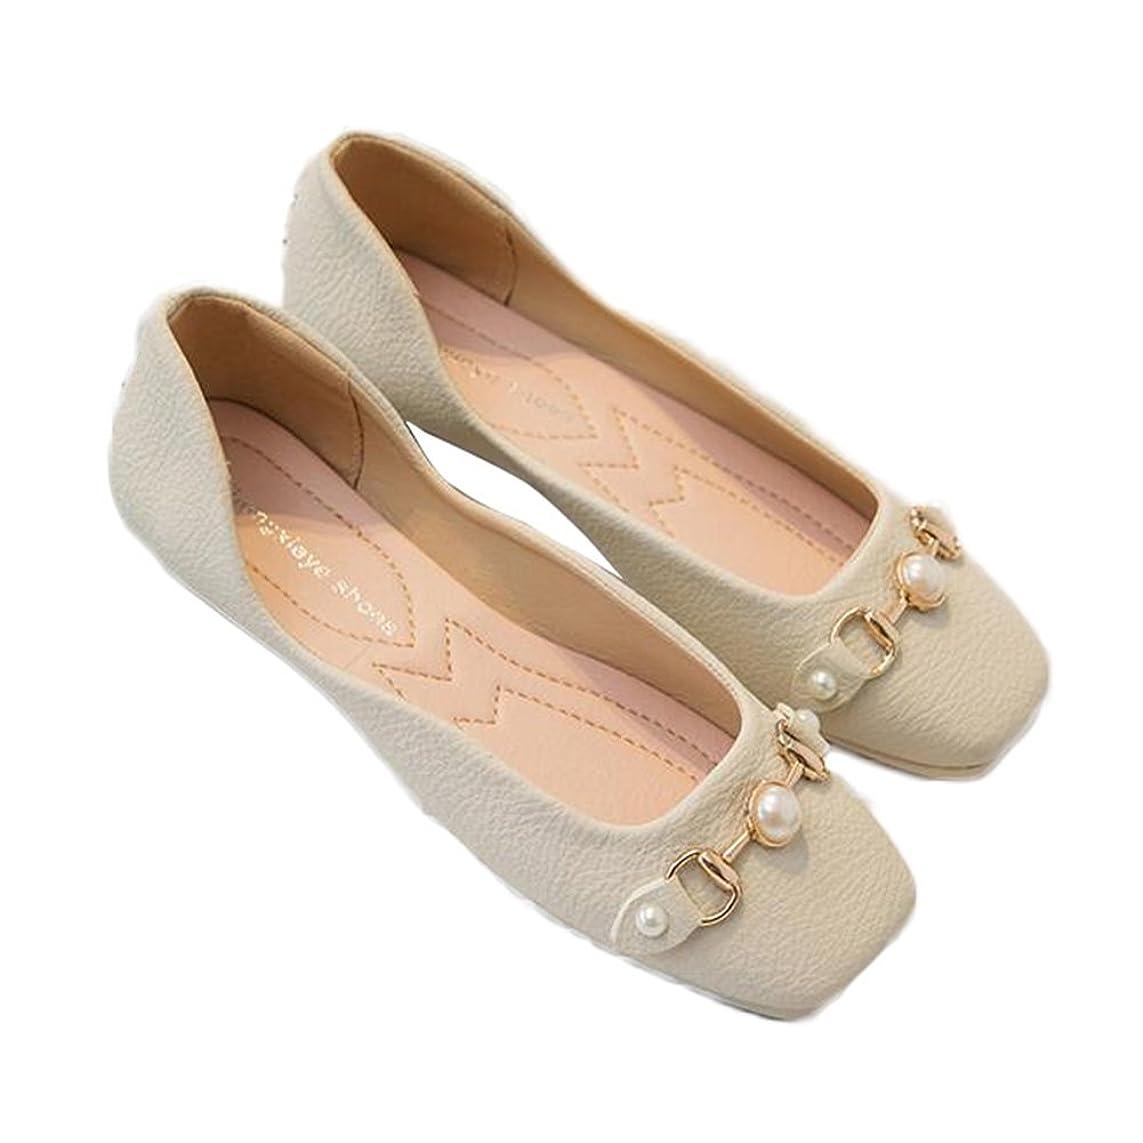 挽く政治的瞳[チェリーレッド] レディース 婦人靴 美脚 パンプス バレエシューズ ぺたんこ シンプル